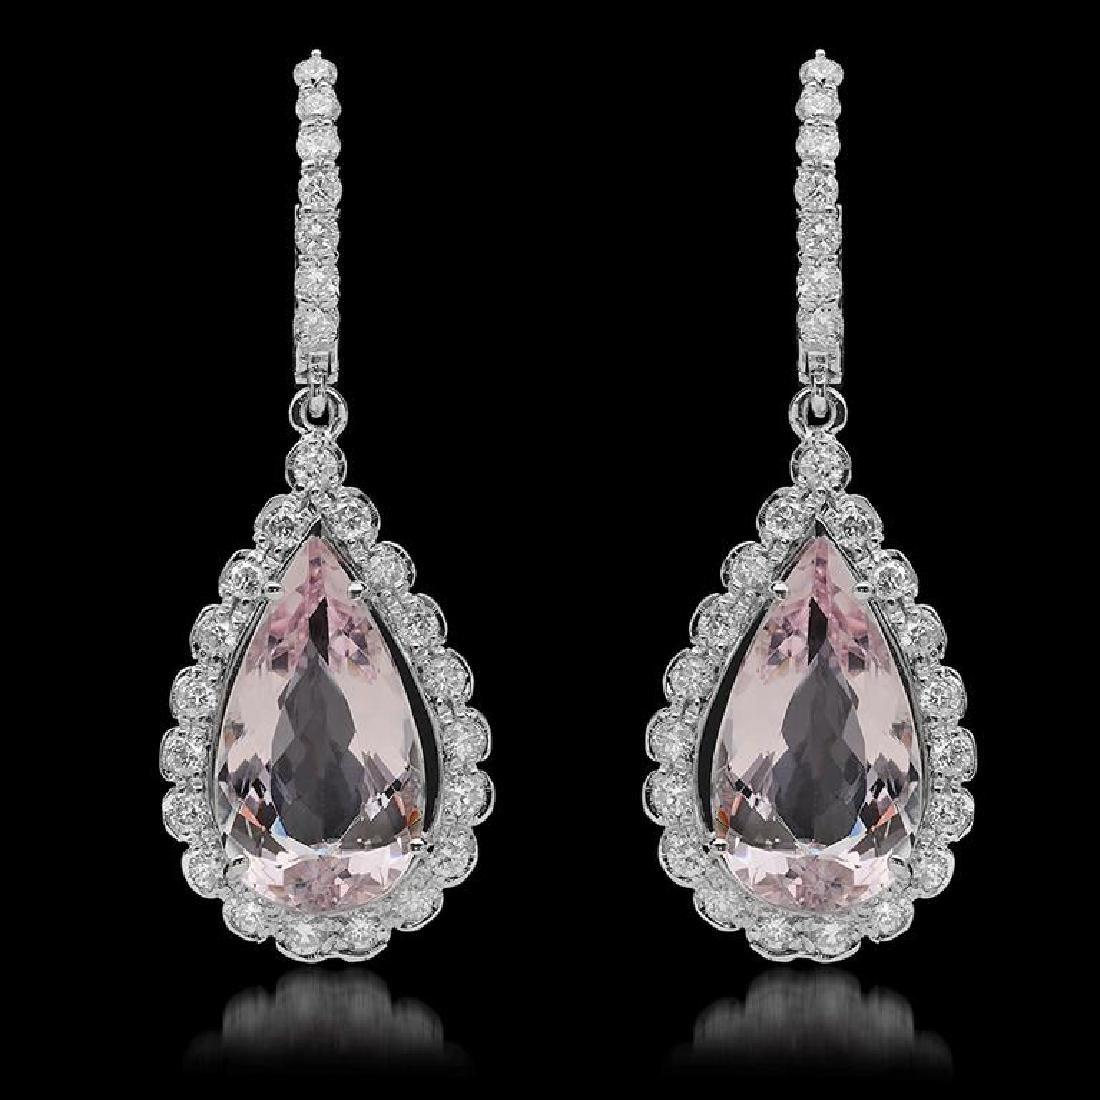 14K Gold 9.40ct Morganite & 1.65ct Diamond Earrings